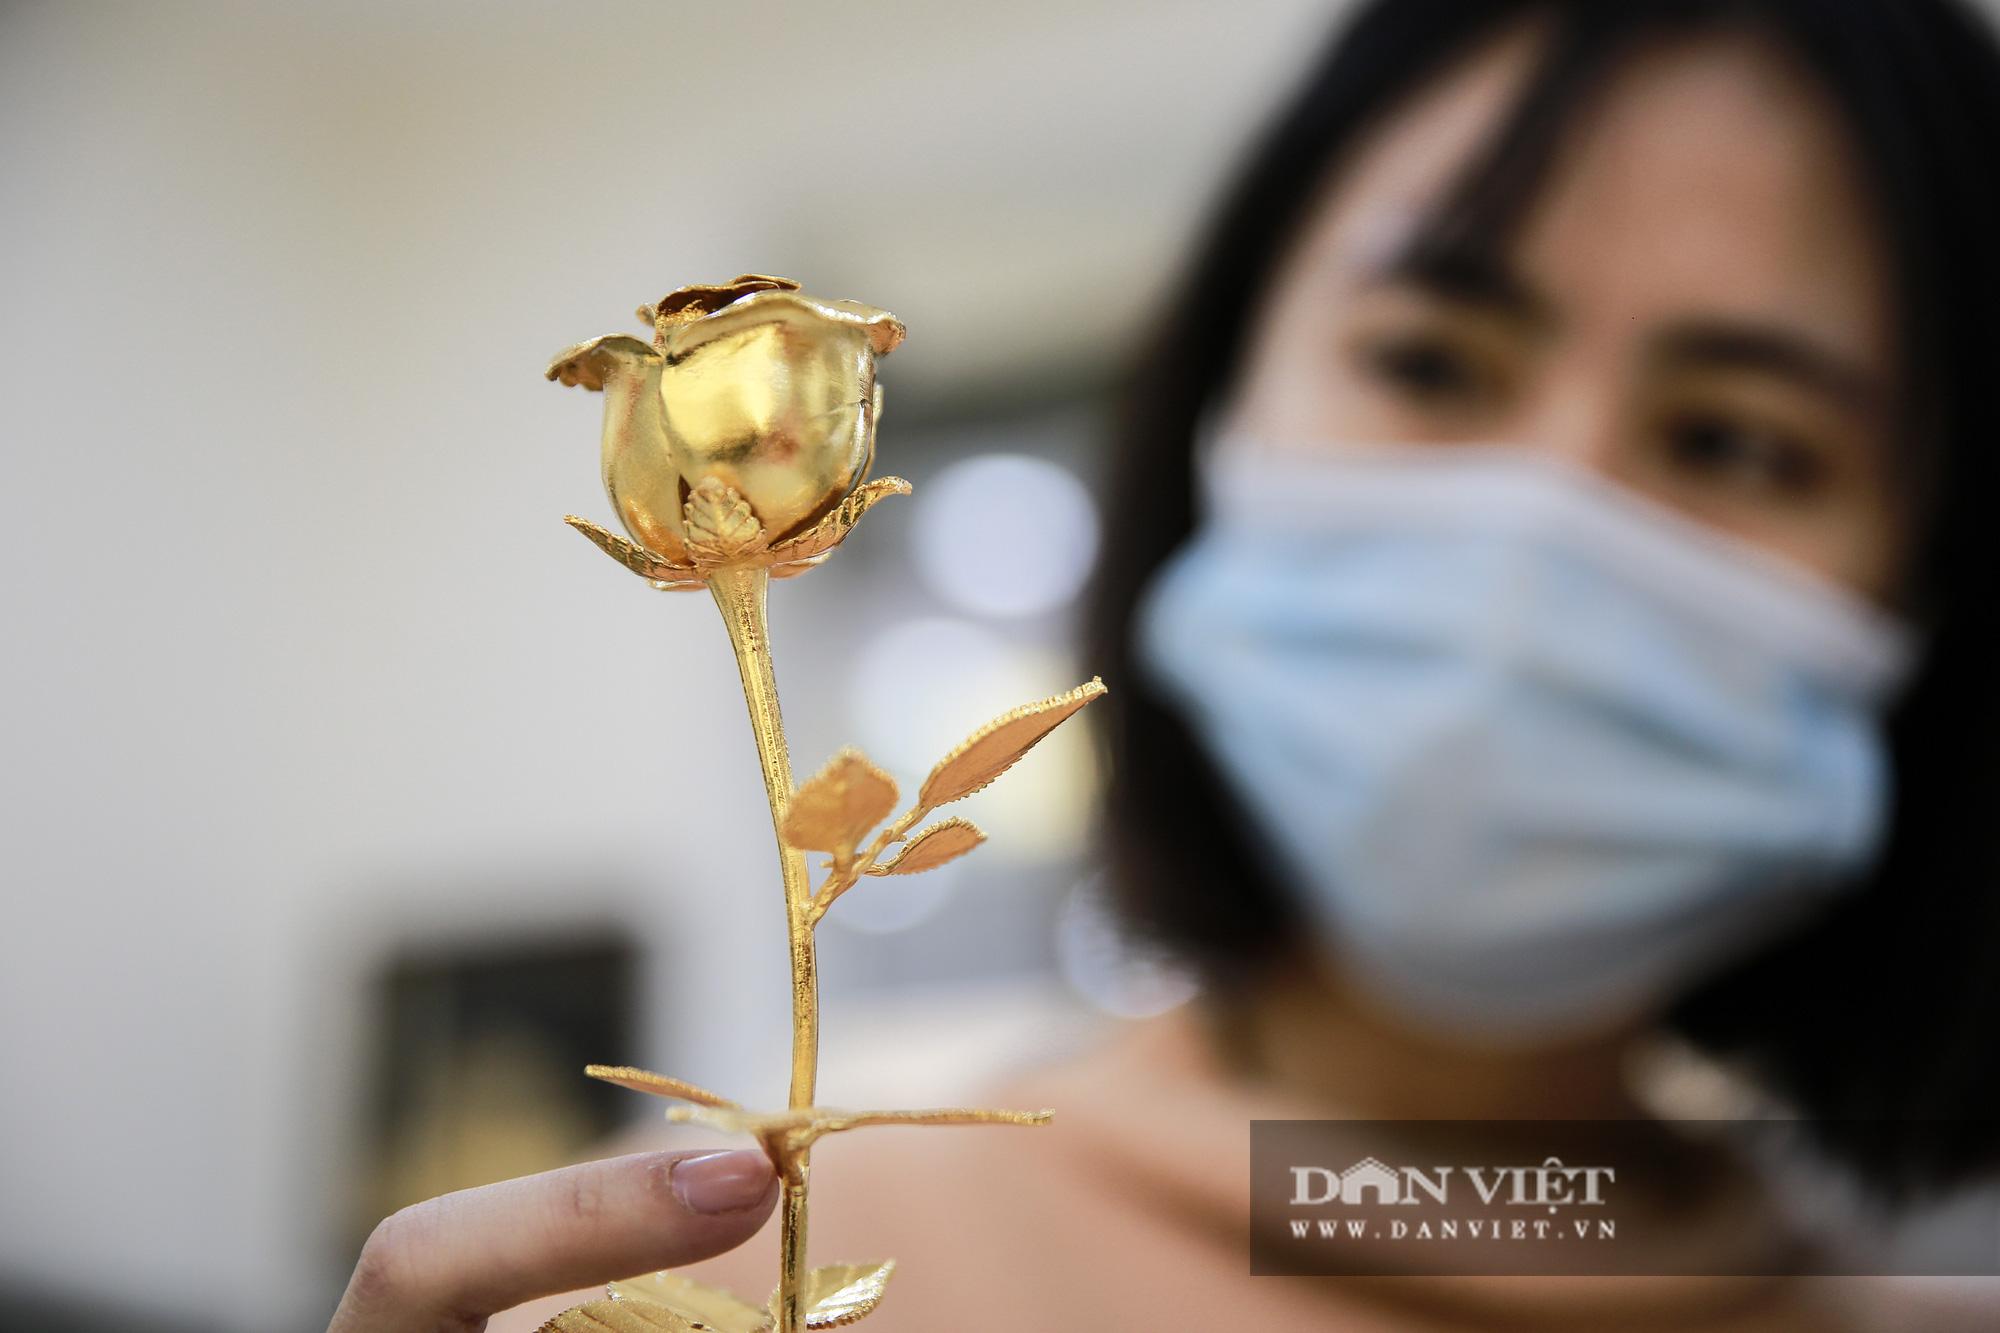 Thị trường quà tặng 8/3: Hoa, tranh, khuy cài áo mạ vàng cực đắt lên ngôi - Ảnh 5.